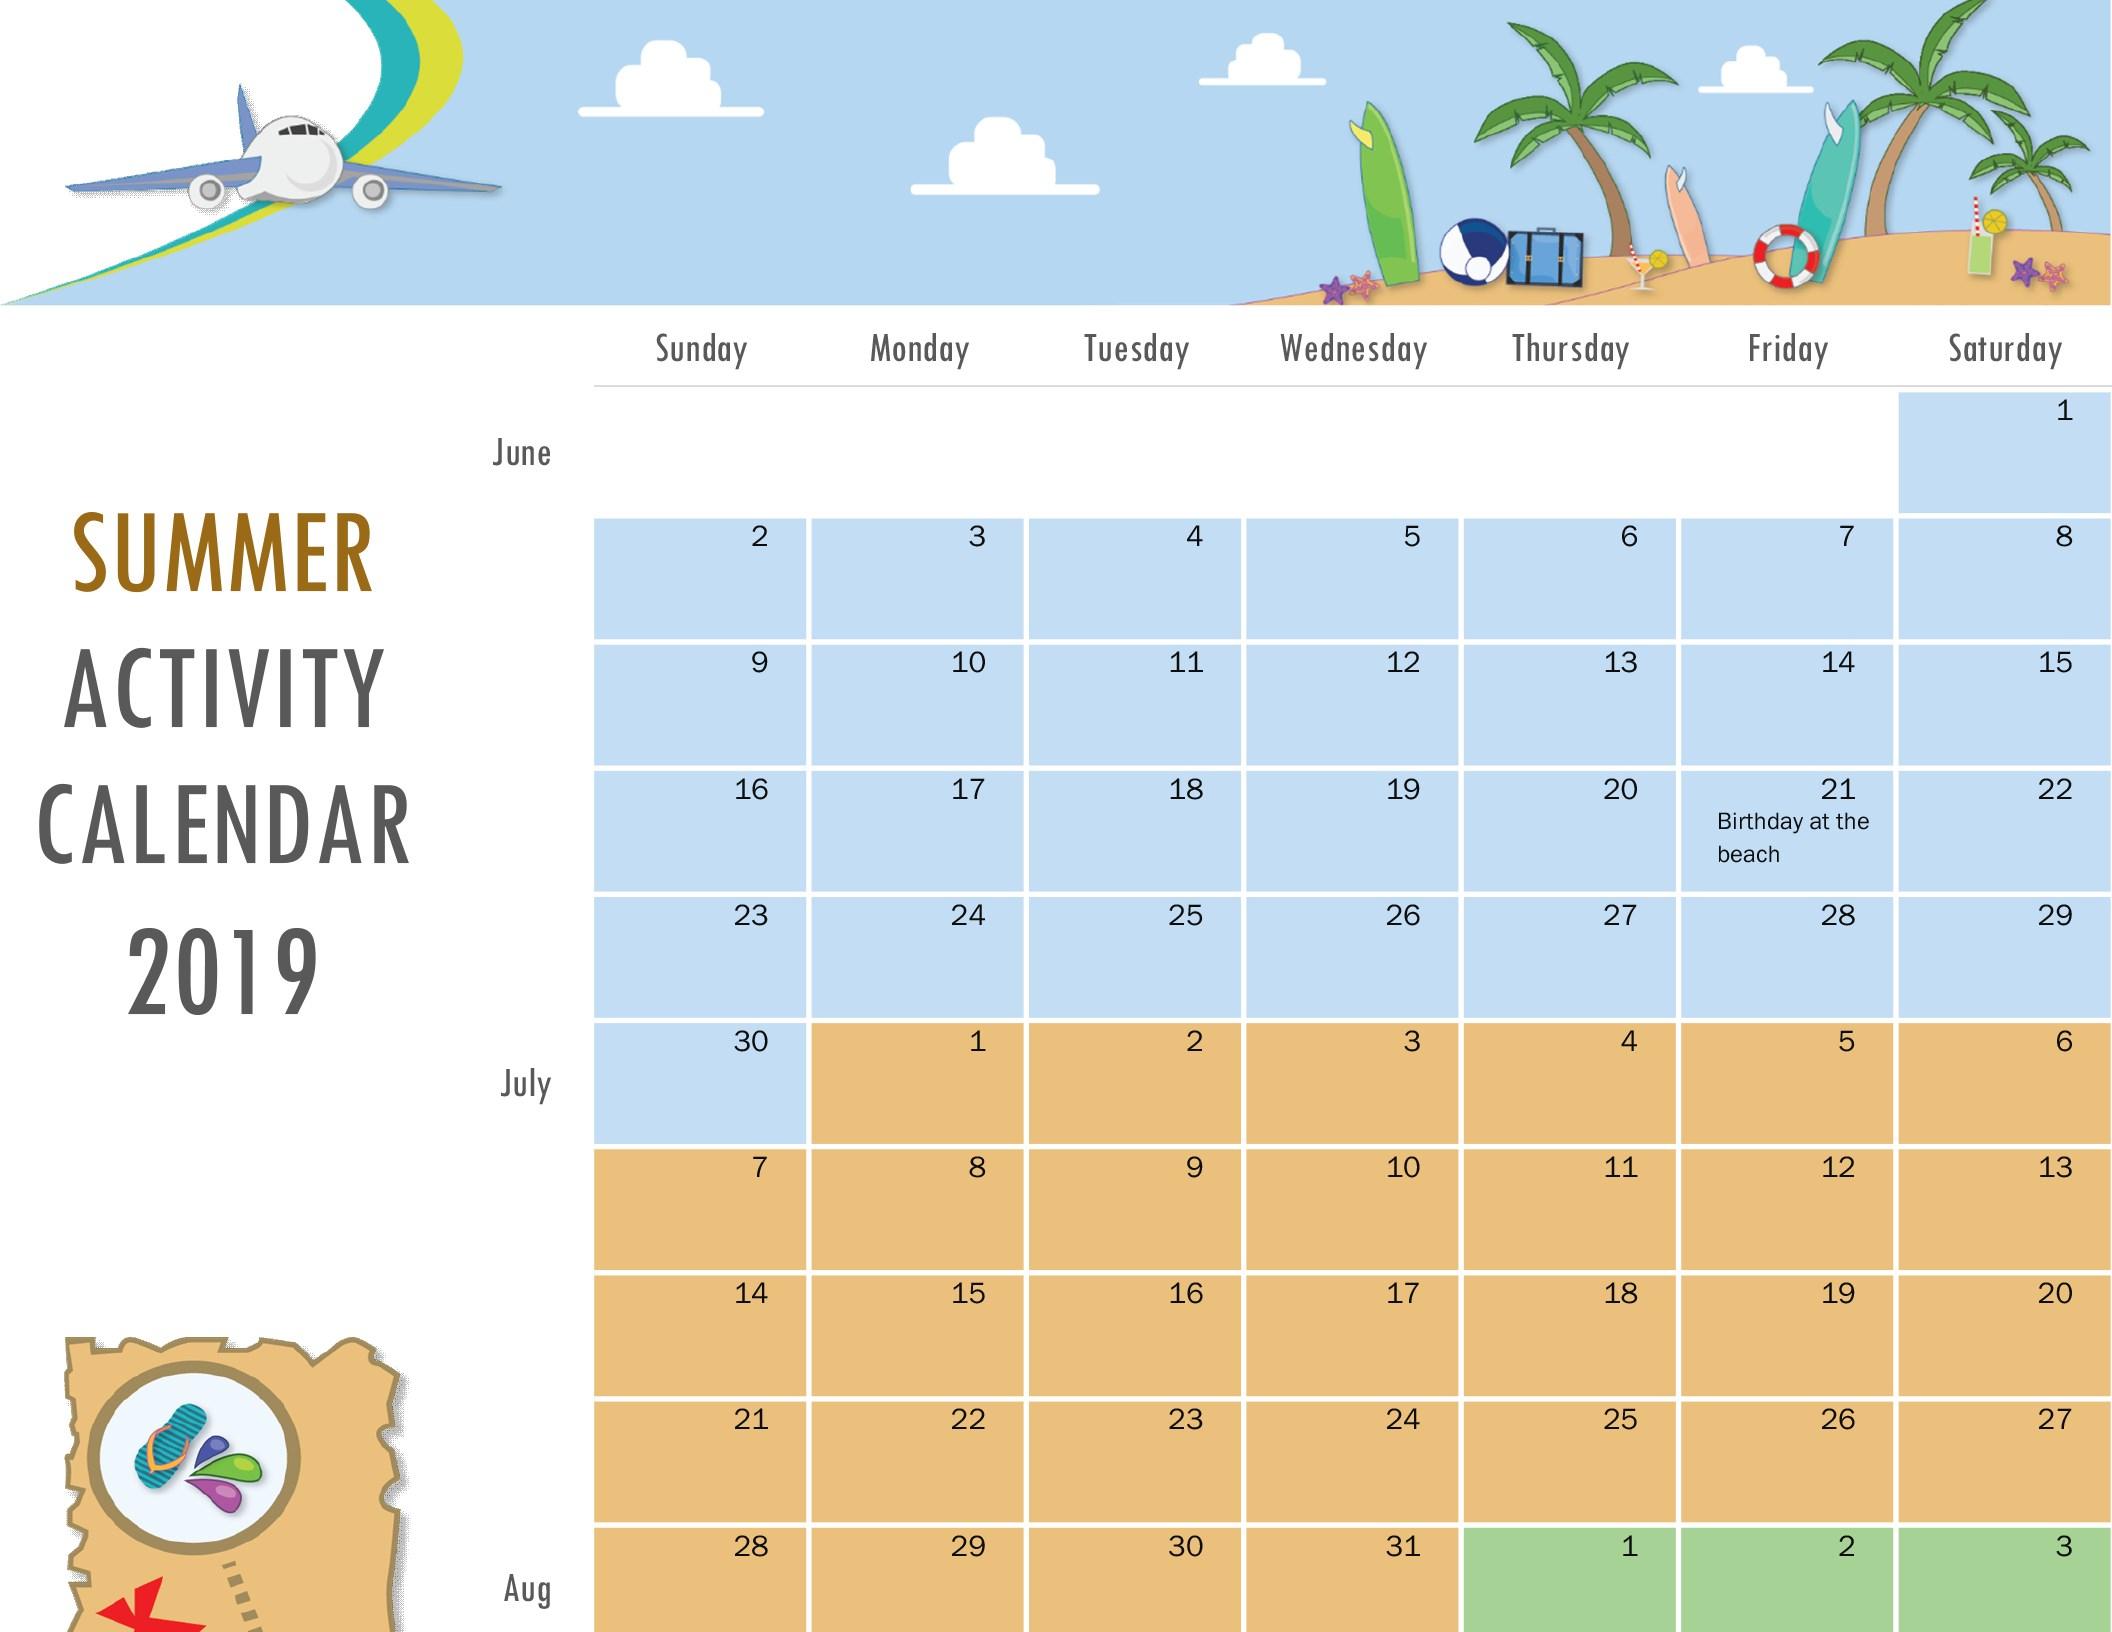 Summer Activity Calendar throughout Summer Activity Calendar Template